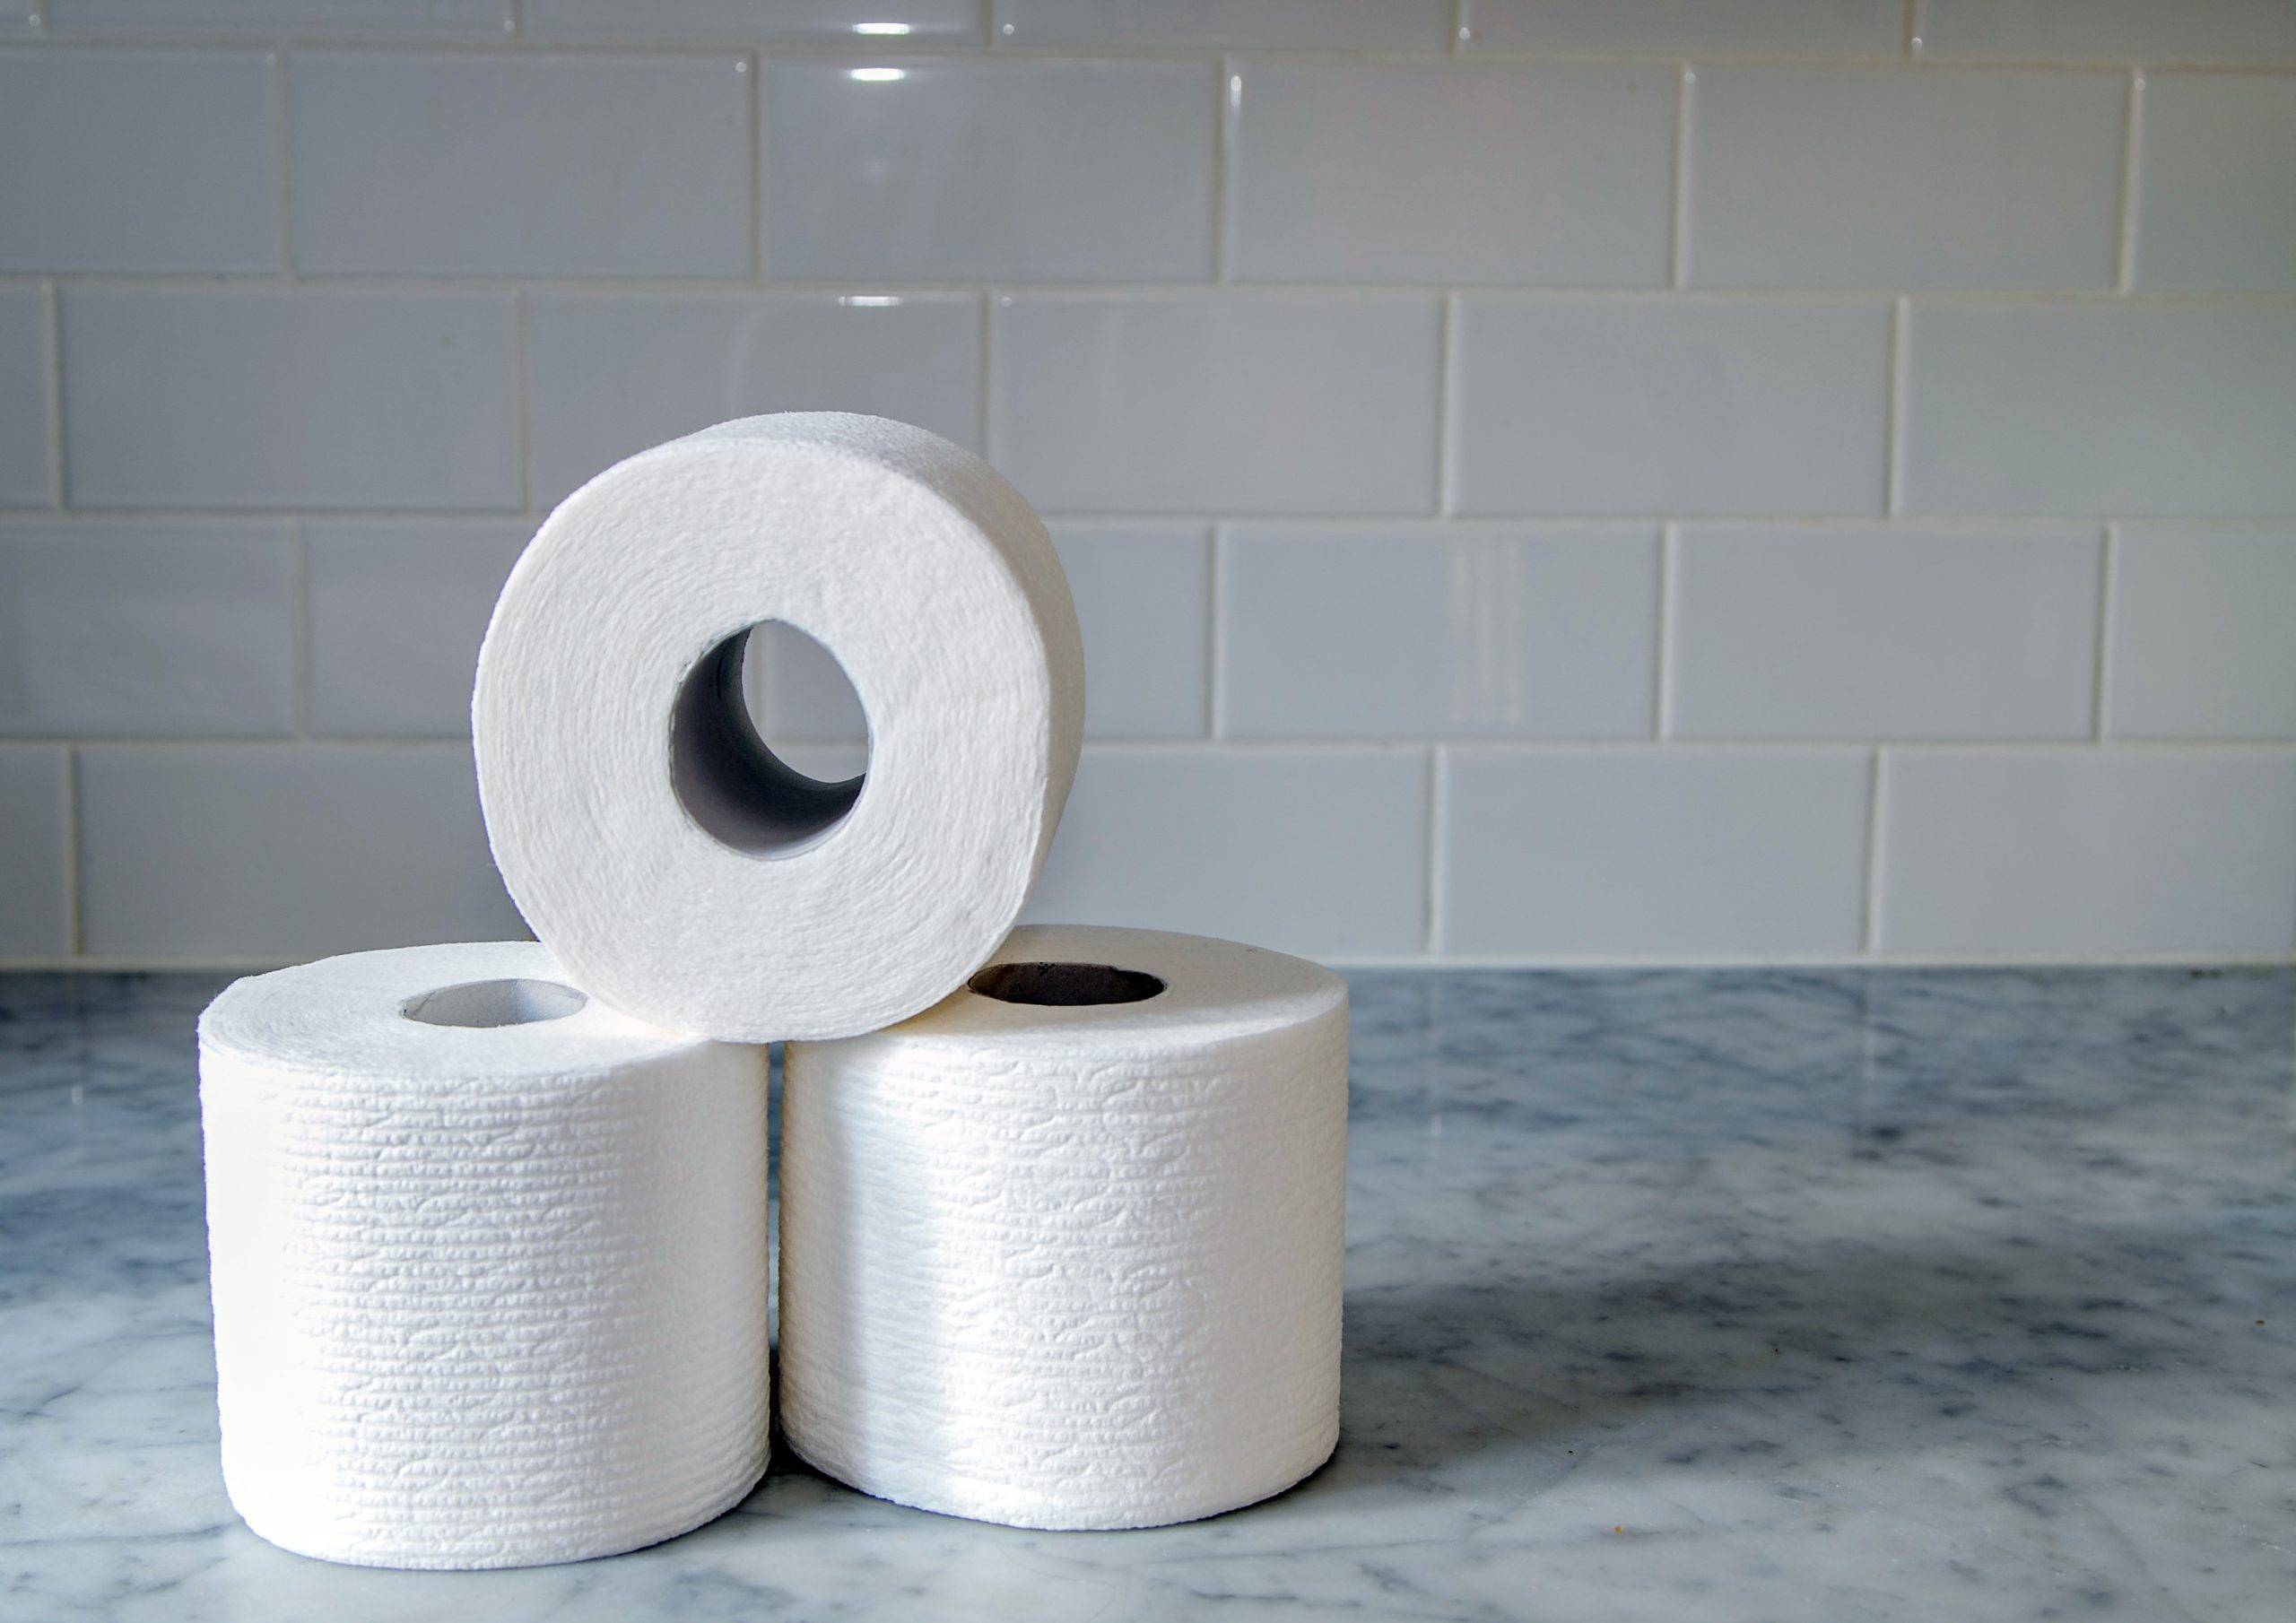 Rolls of toilet paper.